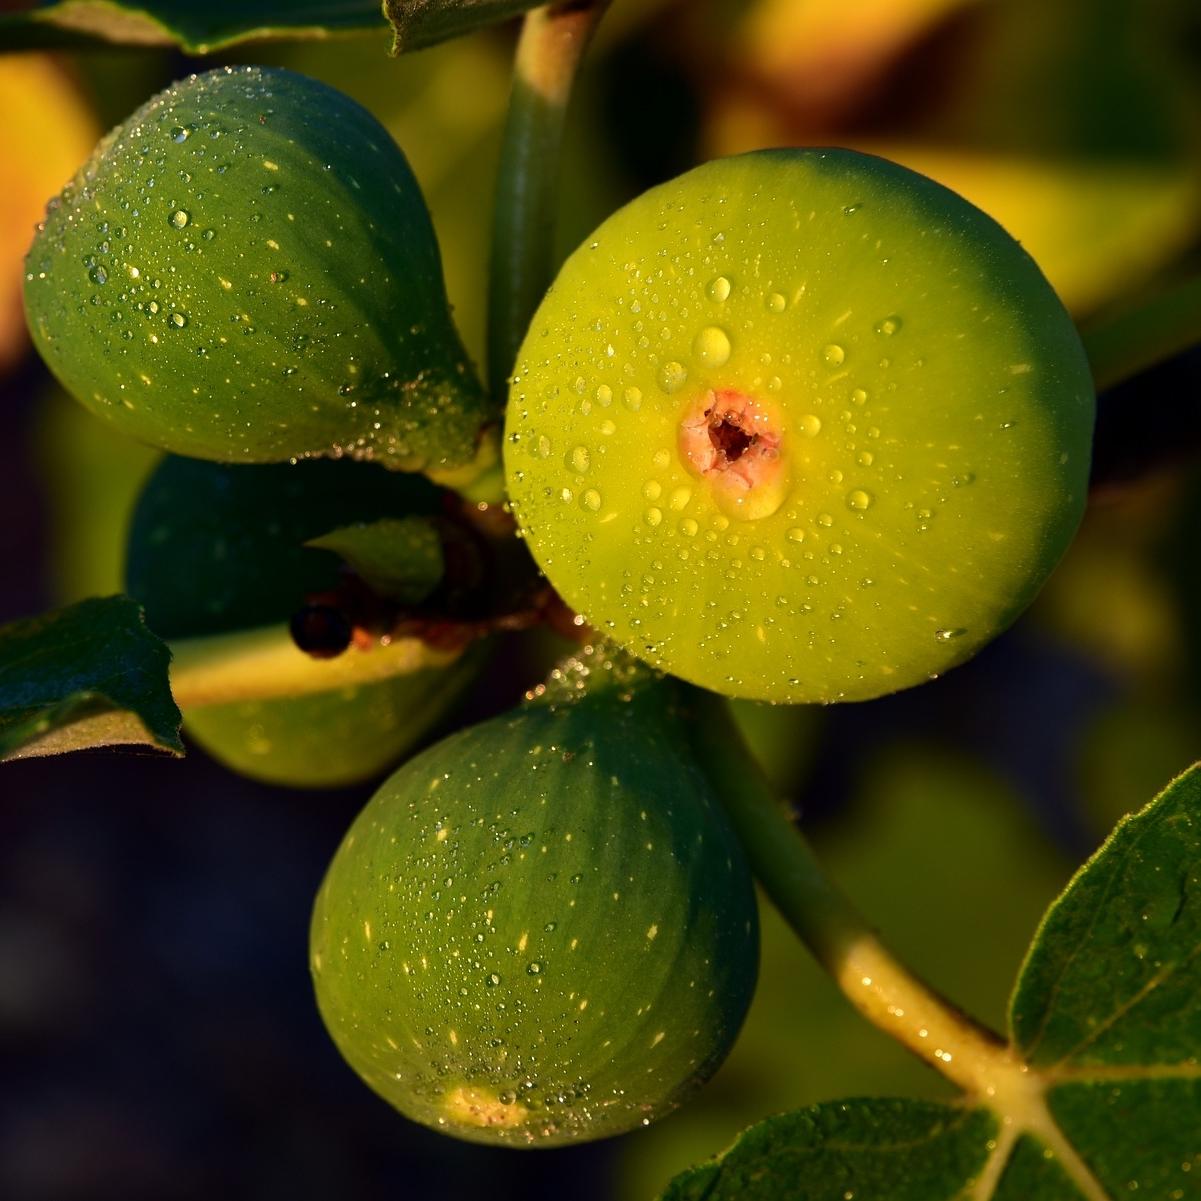 figs-3615515_1920.jpg